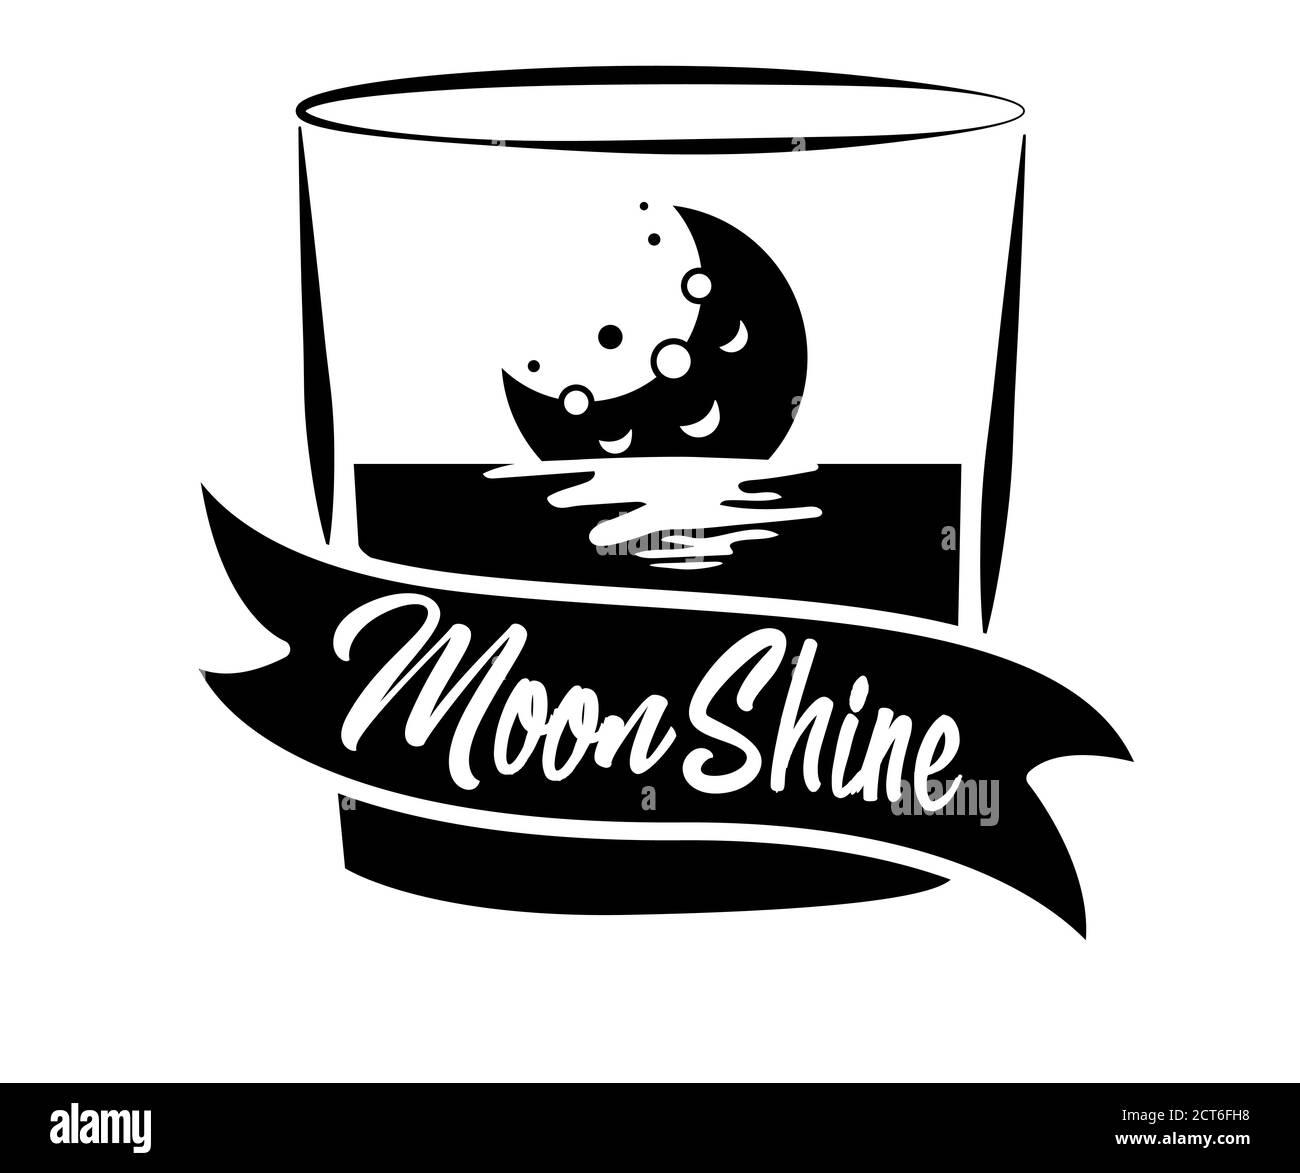 Diseño vintage de la etiqueta de brillo lunar con elementos étnicos en el estilo de línea fina, bourbon, brillo lunar y brandy. Logotipo o etiqueta vintage en blanco y negro Ilustración del Vector